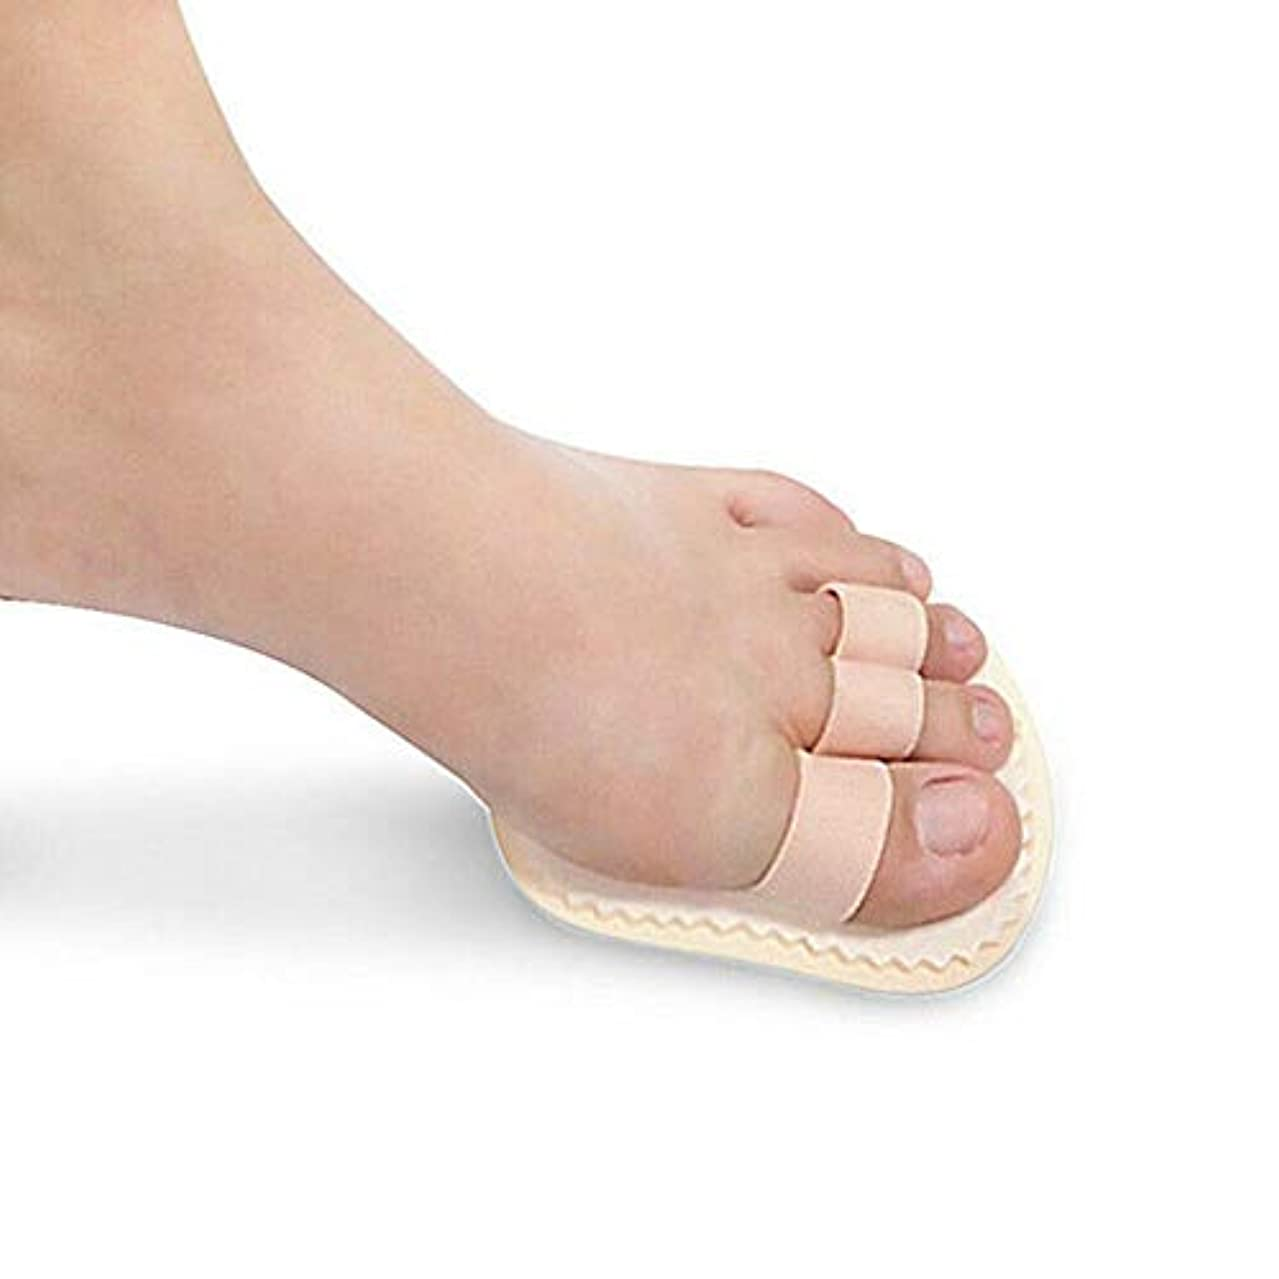 偶然のベッドを作る移動するつま先矯正 フットプロテクター フットケアツール 健康管理 腱膜瘤 痛みの緩和 (肌の色, 3爪先:9 * 10.8)